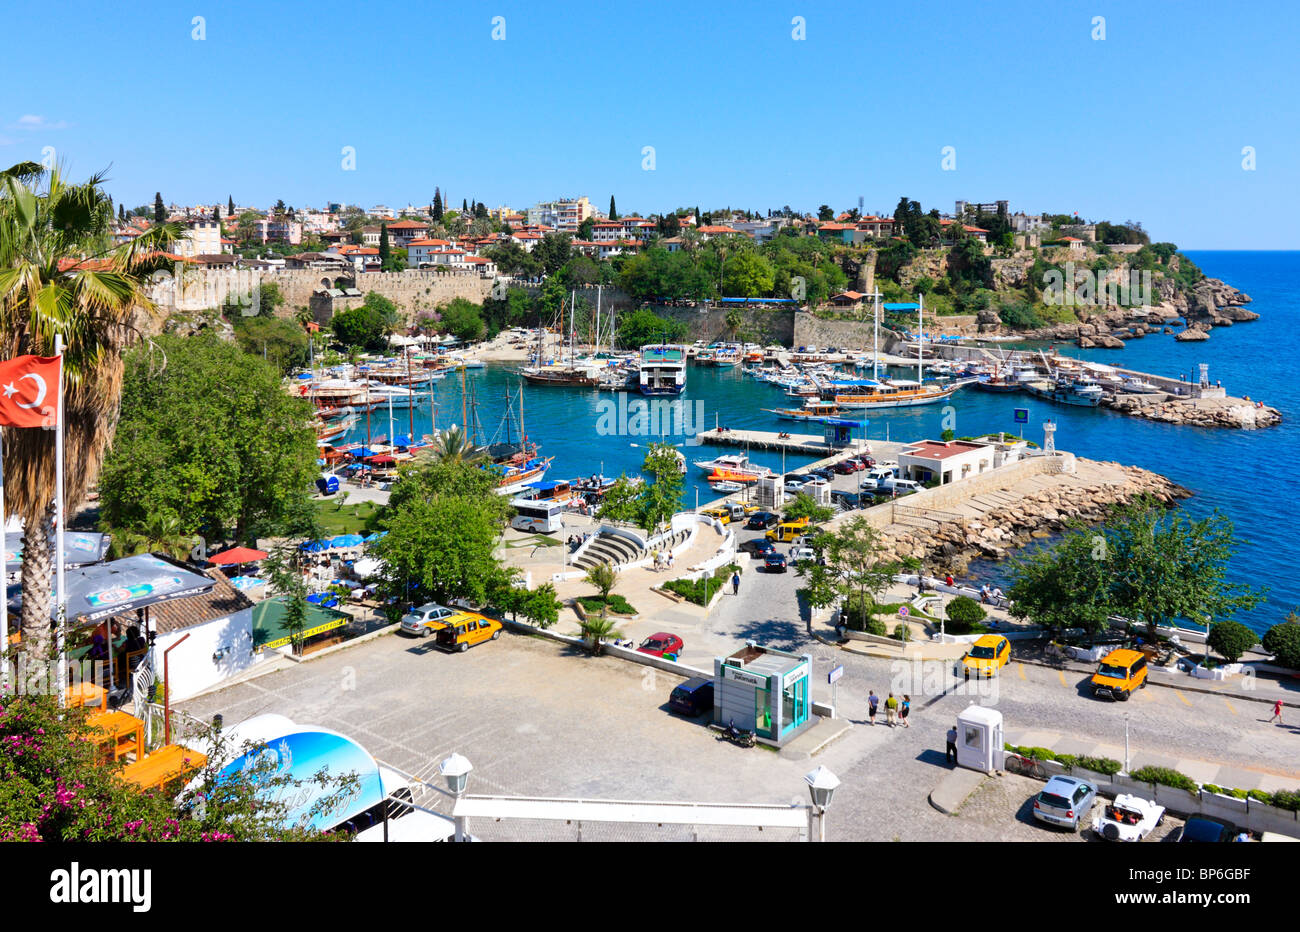 Habour and Marina of Antalya, Turkey - Stock Image